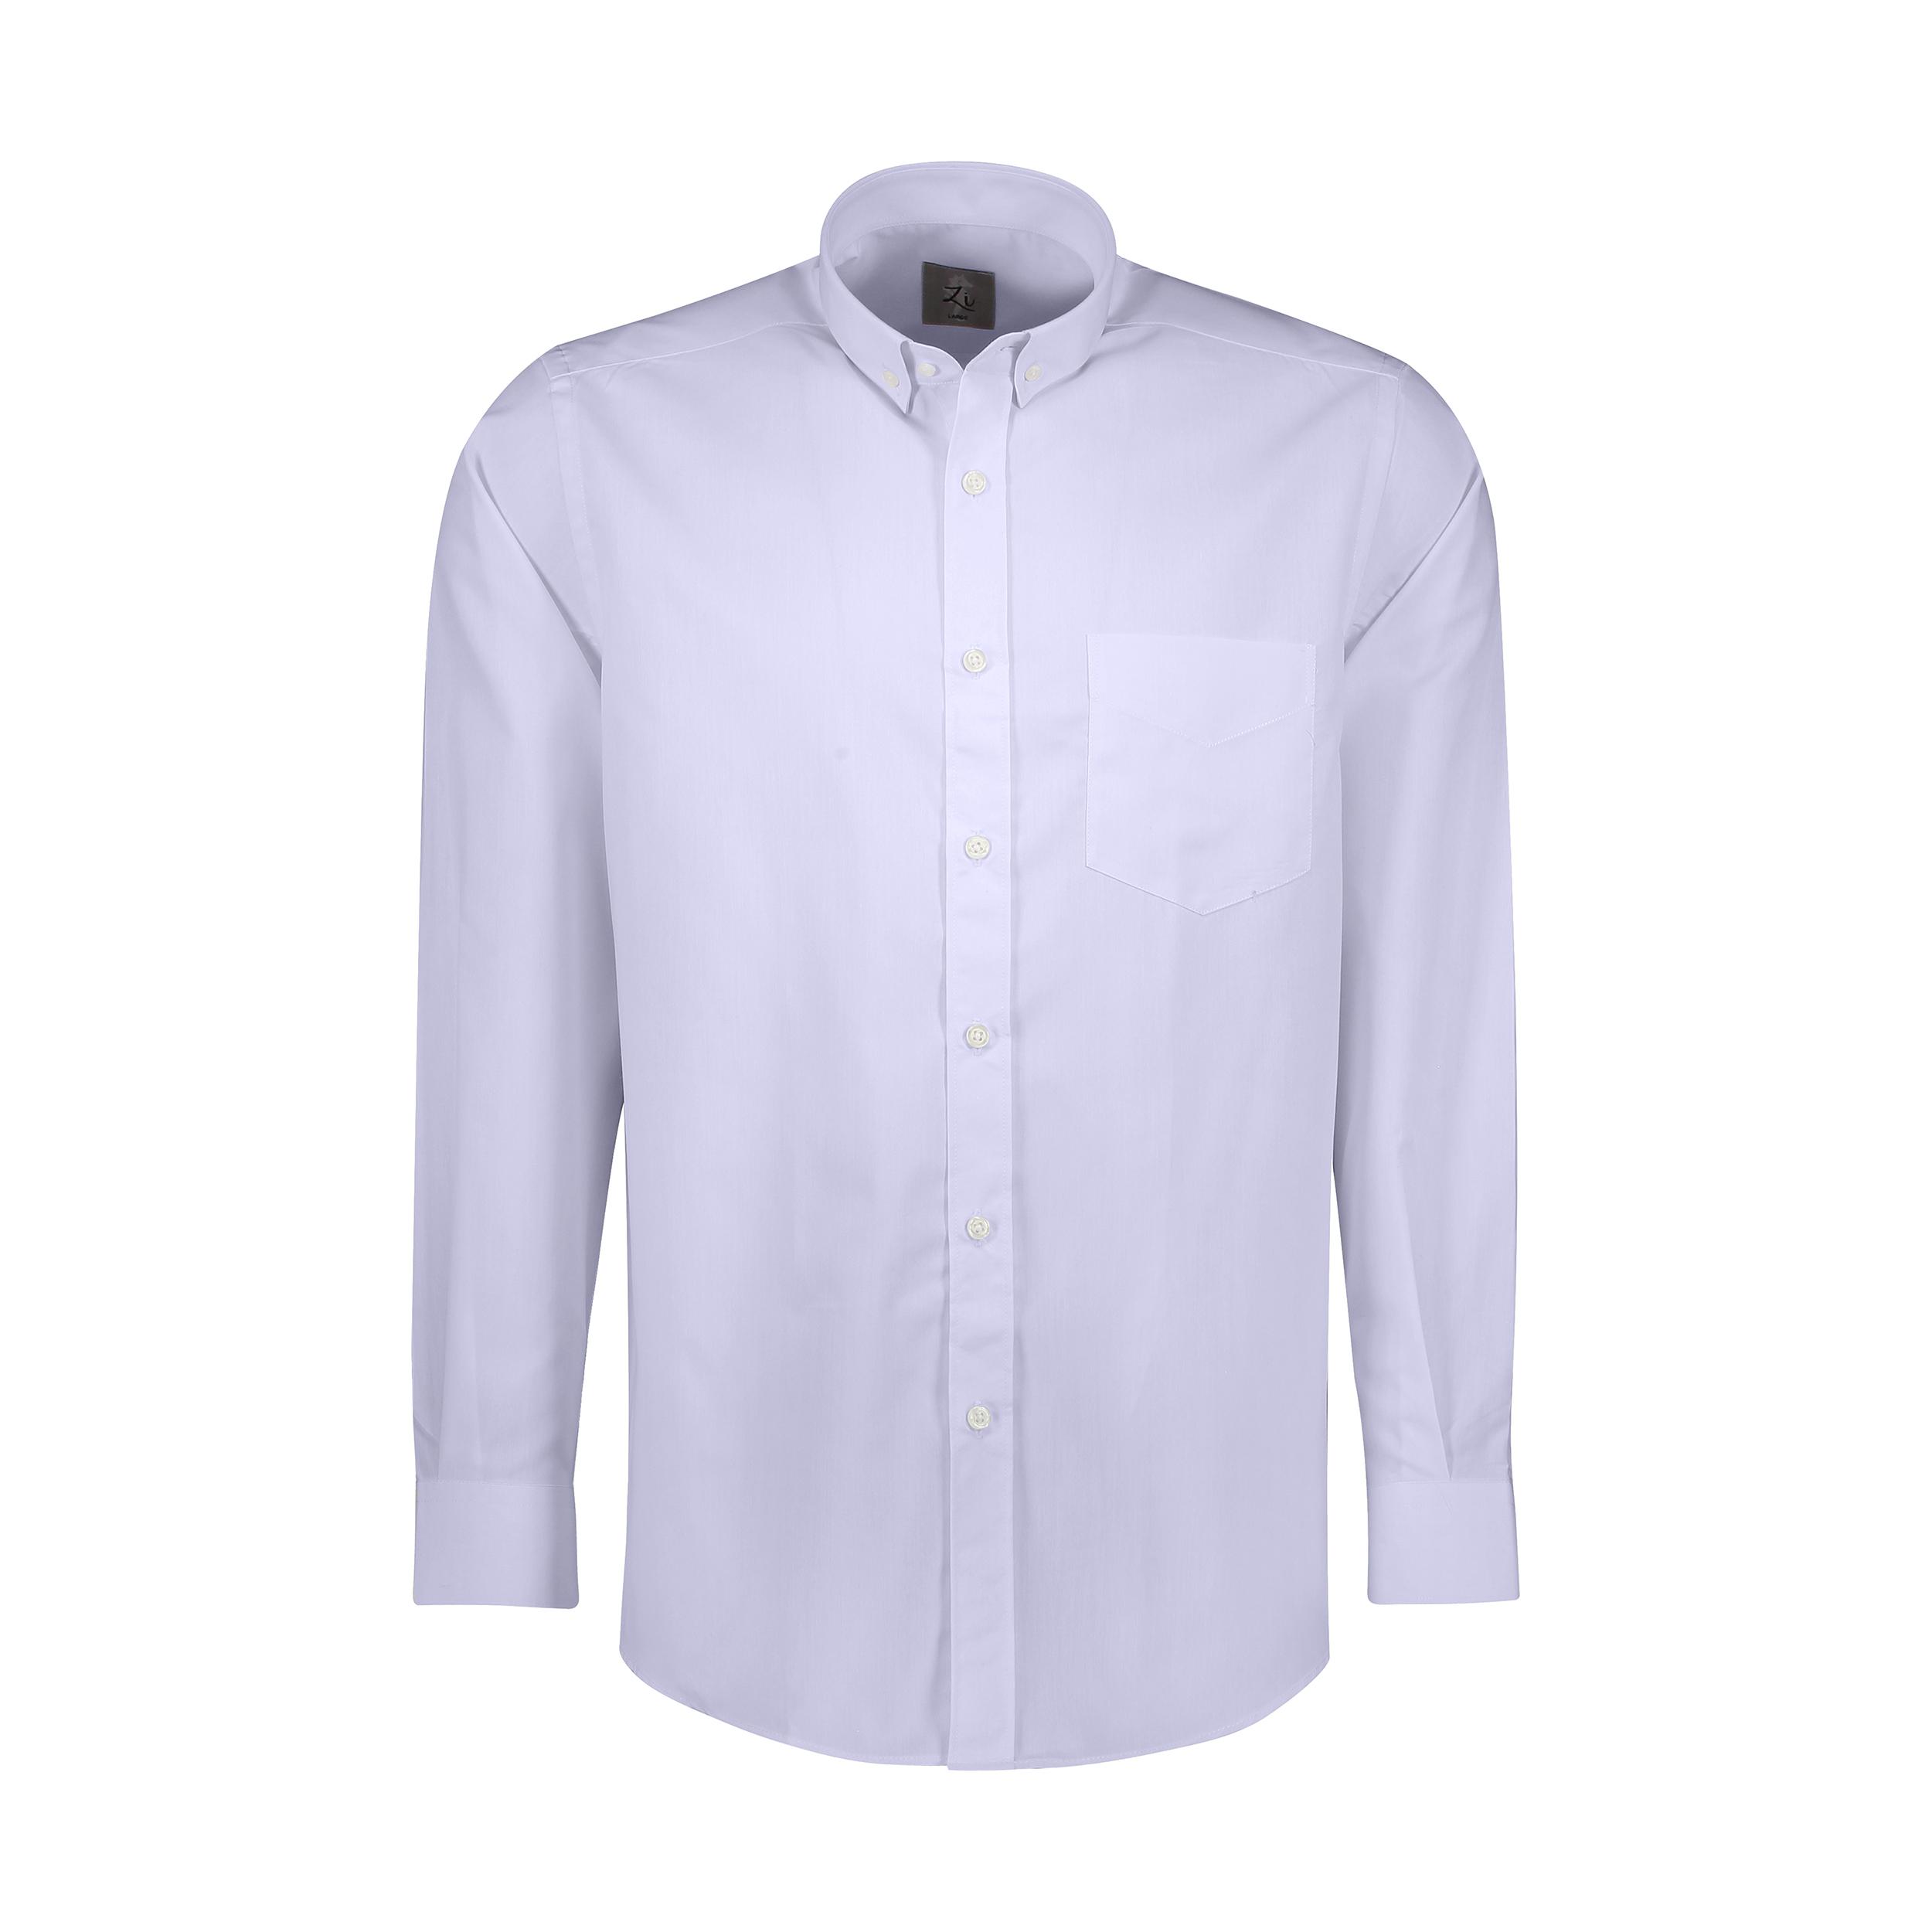 پیراهن آستین بلند مردانه زی مدل 153139260